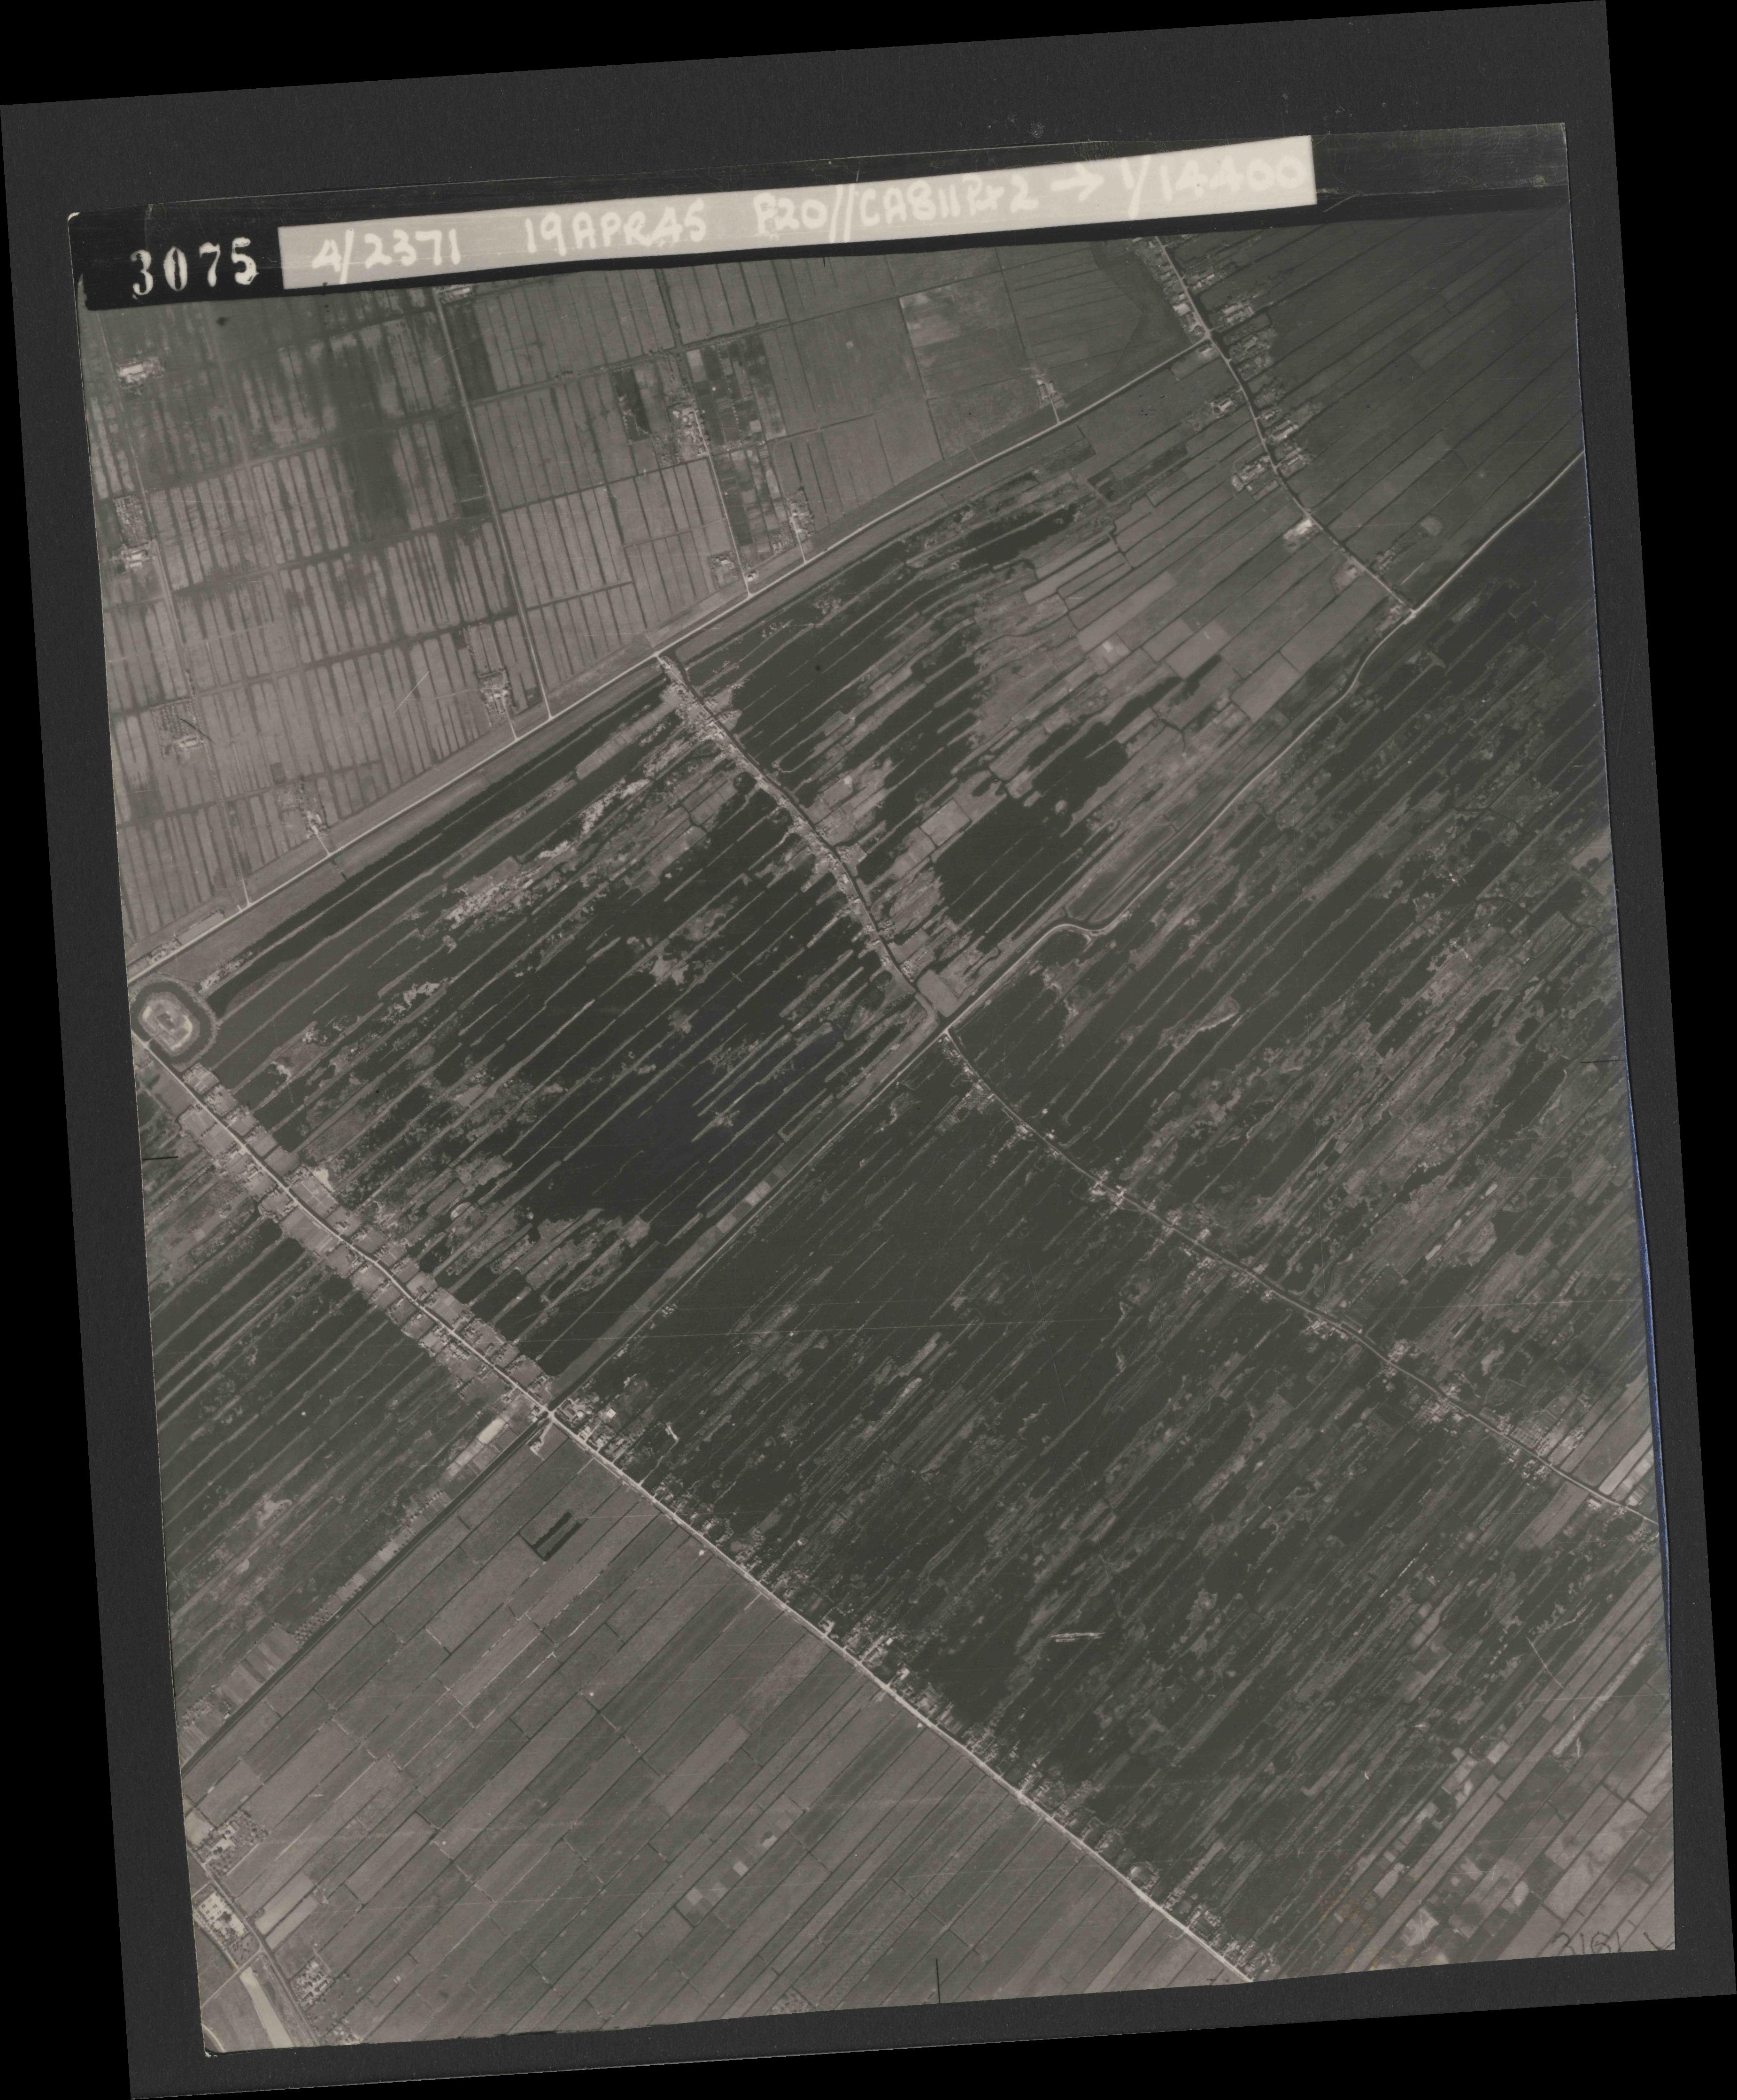 Collection RAF aerial photos 1940-1945 - flight 305, run 05, photo 3075